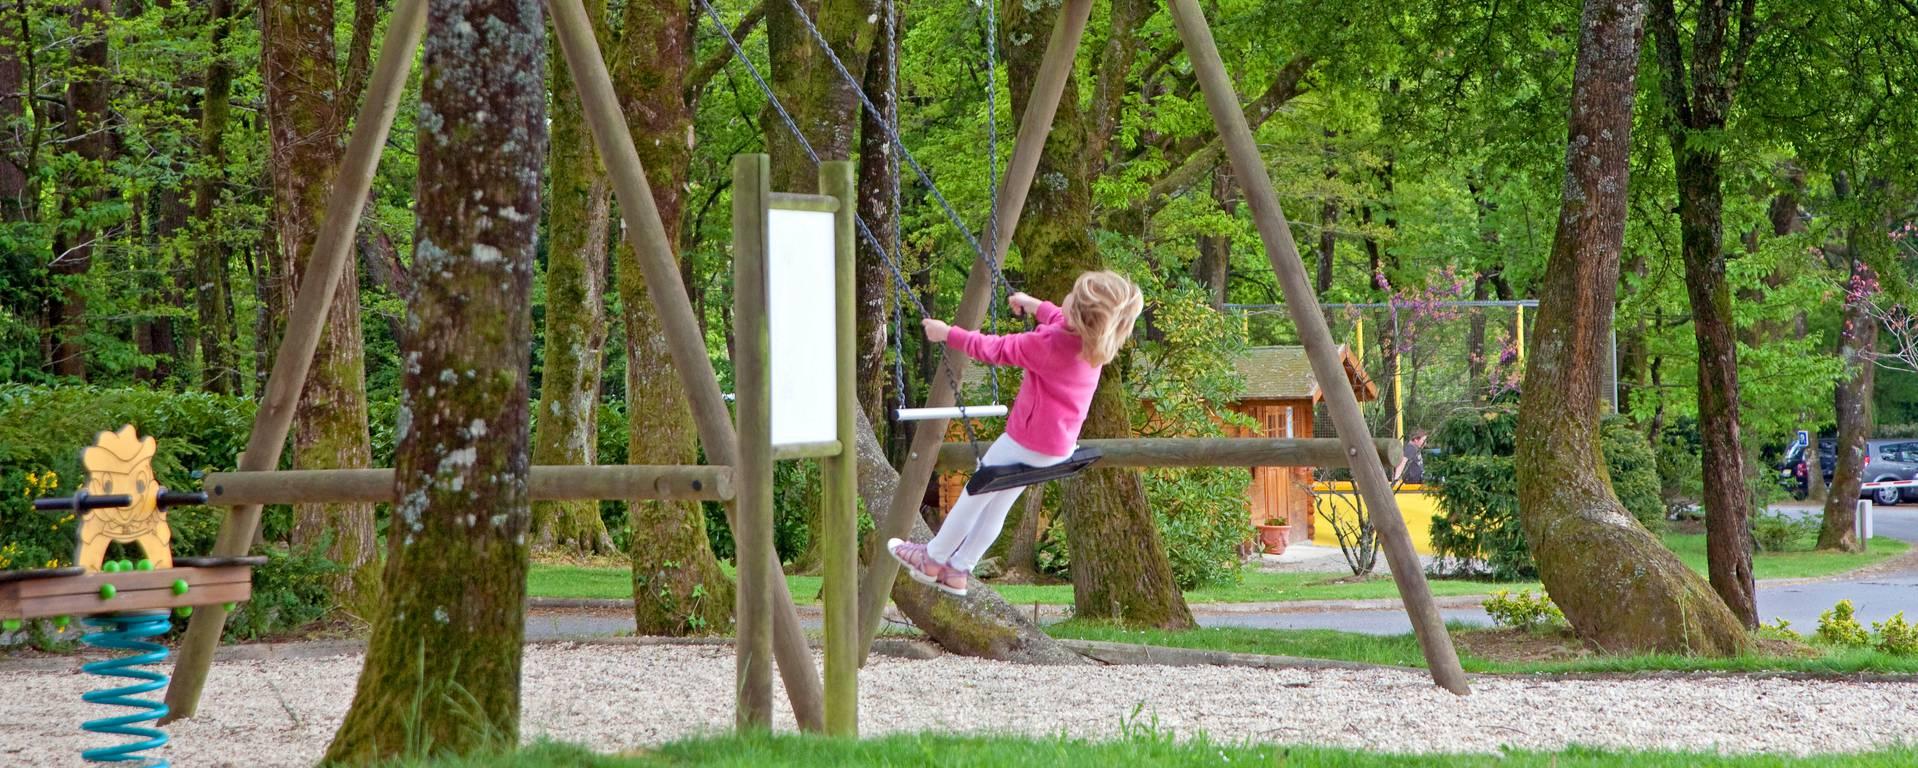 Aire de jeux pour enfants - © Franck Hamel - CRTB